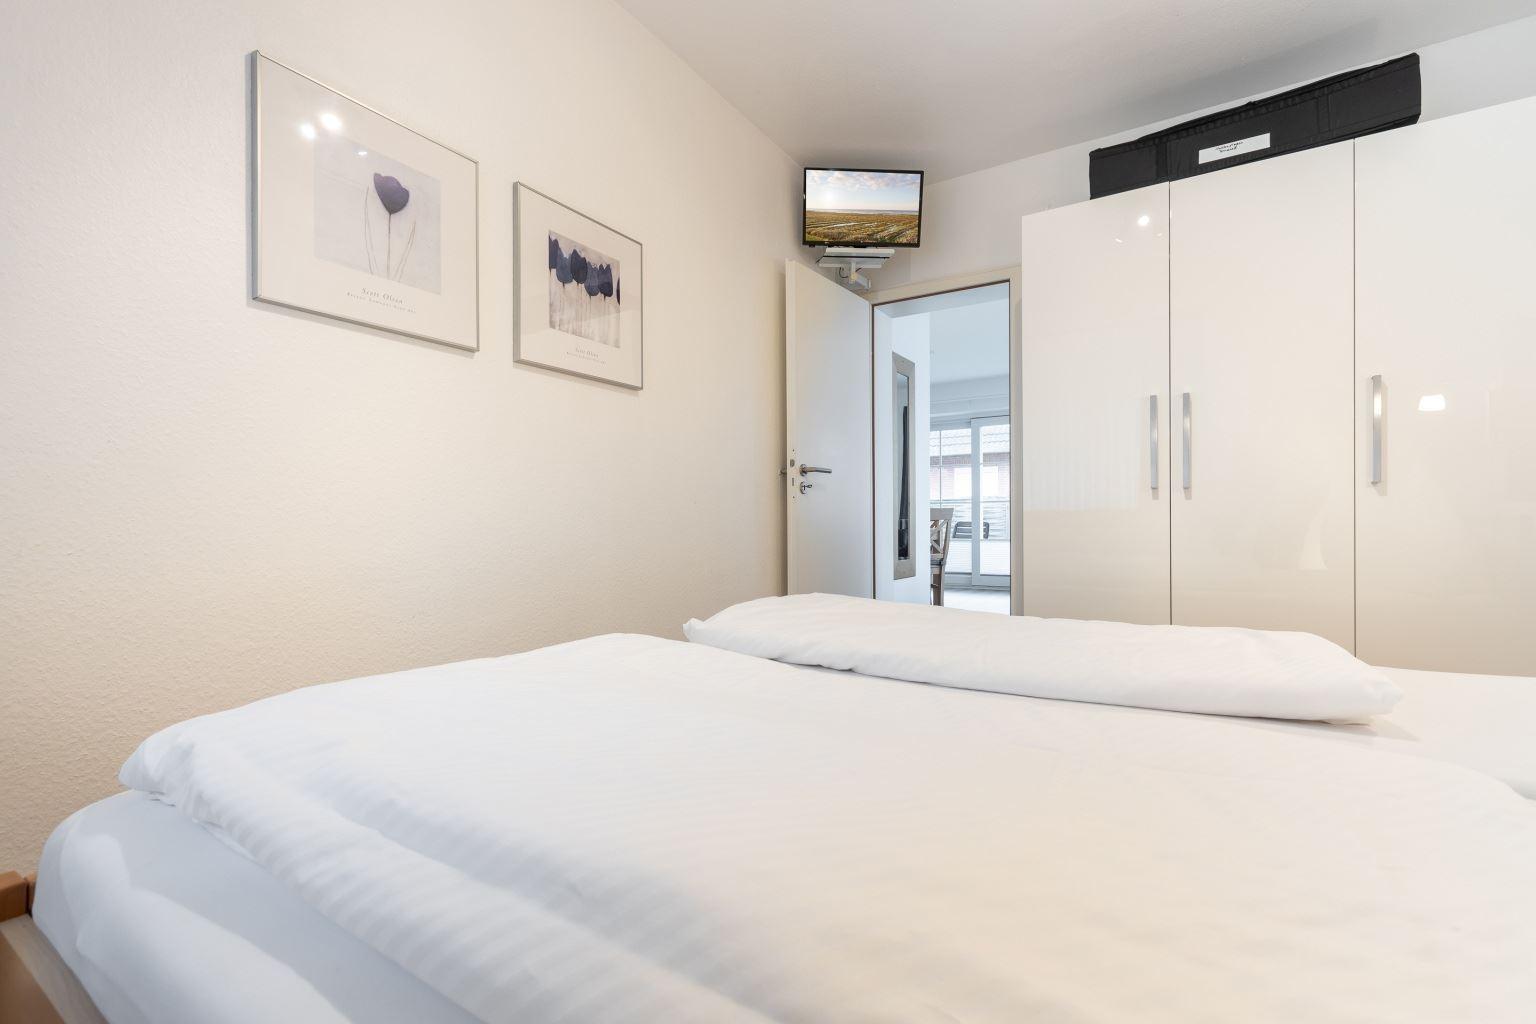 """Schlafzimmer mit TV - St Peter Ording Dorf, """"Hus int Doerp"""", Wohnung 2, Dorfstraße 16"""